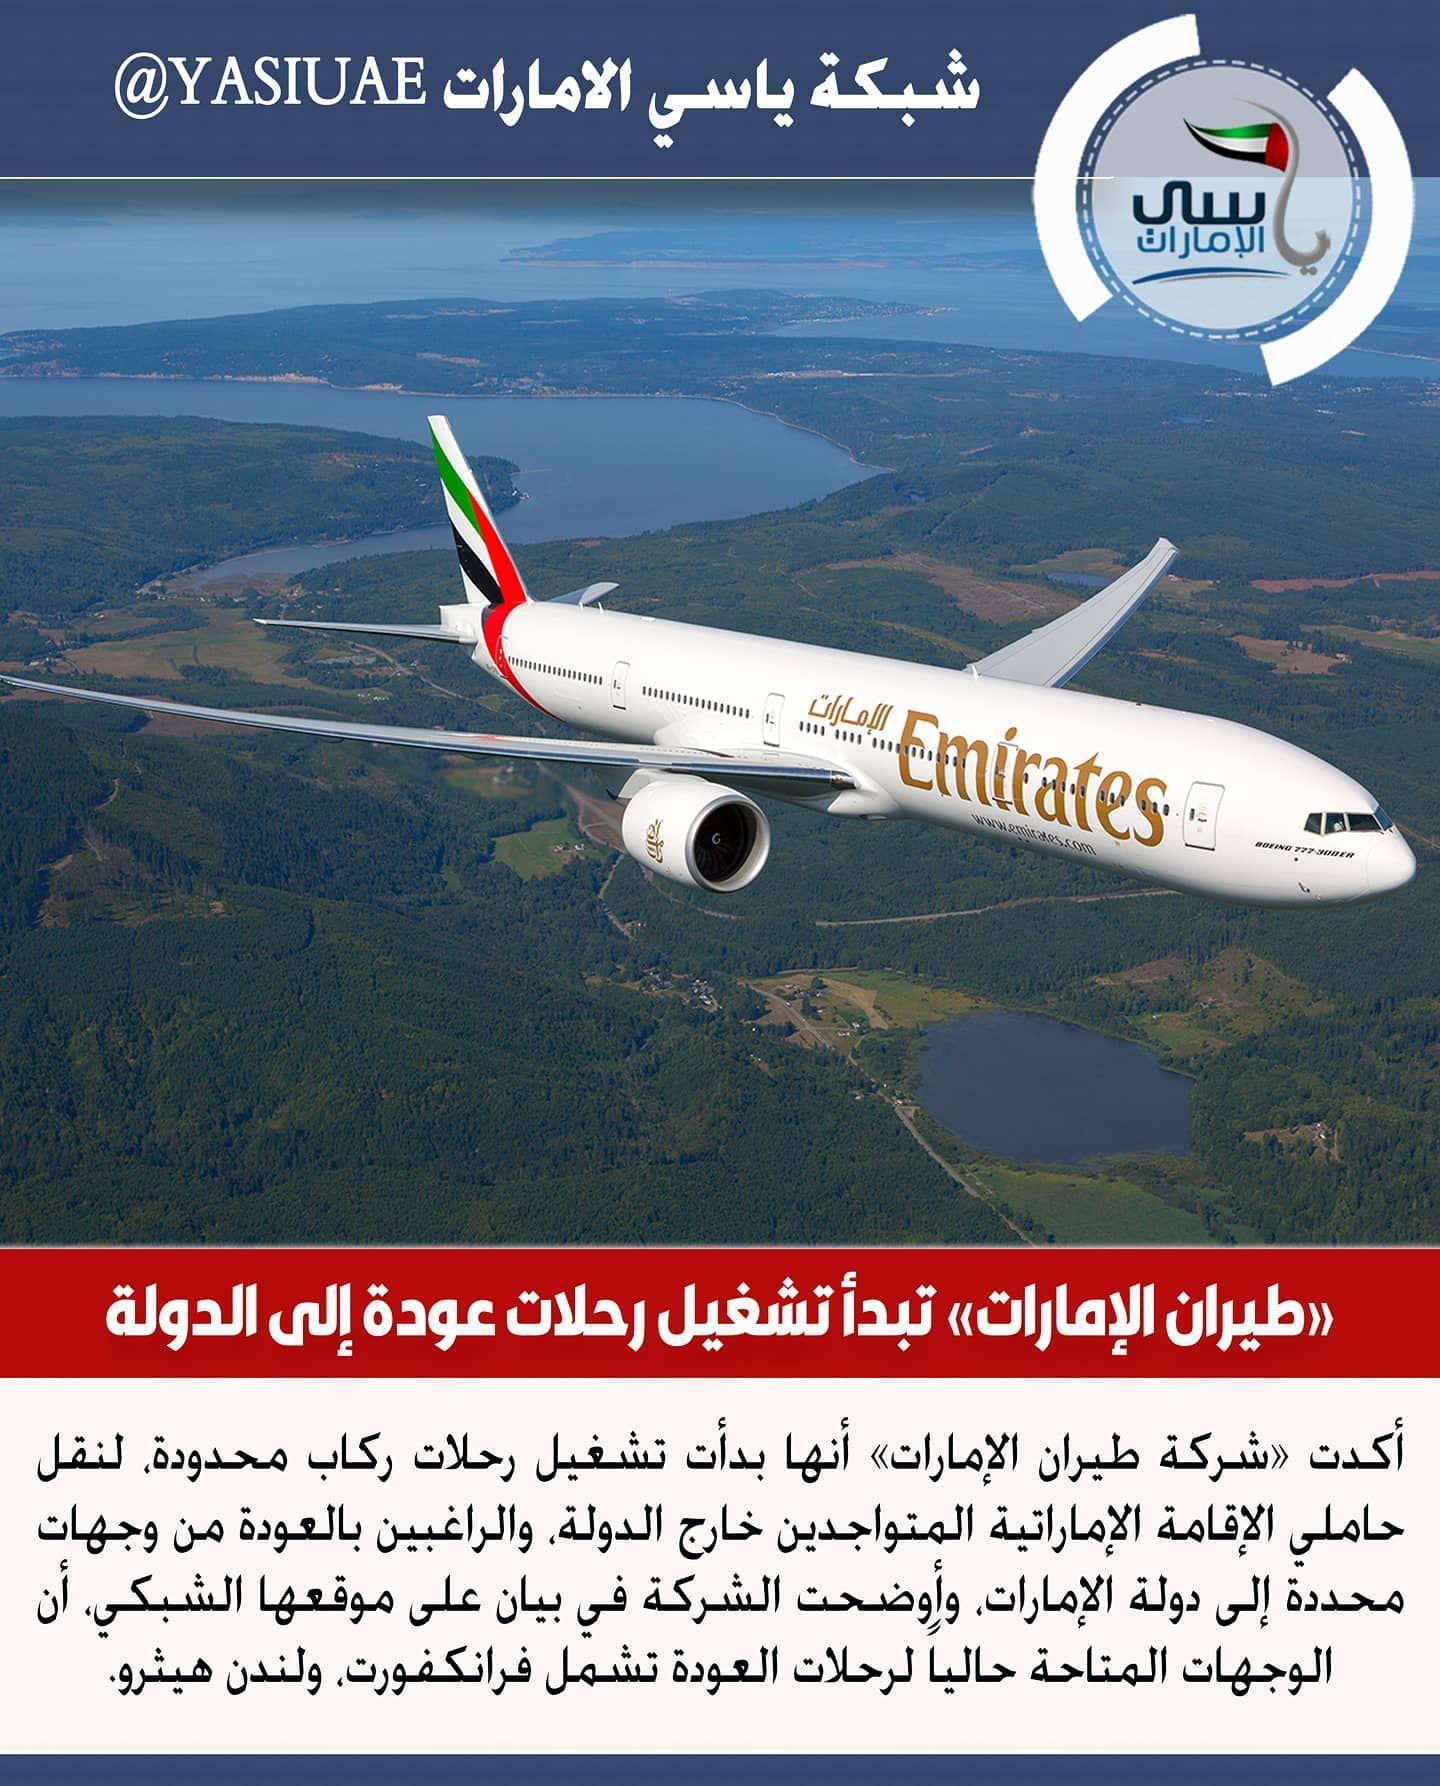 طيران الإمارات تبدأ تشغيل رحلات عودة إلى الدولة لـ المقيمين Www Yasiuae Net ياسي الامارات شبكة ياسي الامارات شبكة يا Passenger Passenger Jet Aircraft